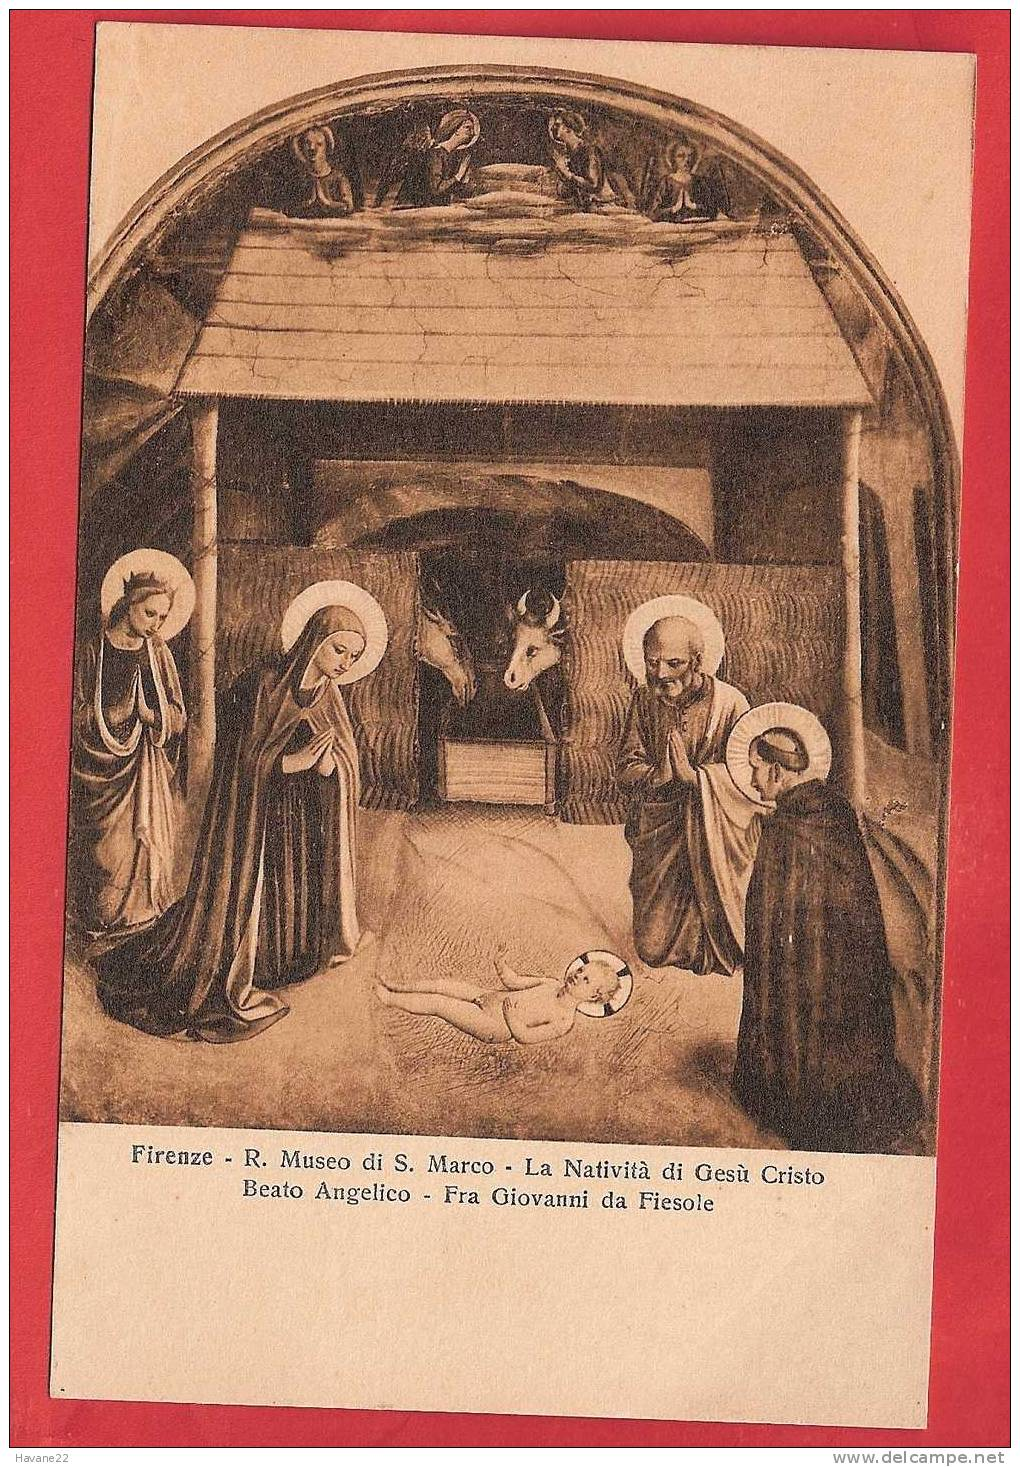 D458 FIRENZE R MUSEO DI S MARCO LA NATIVITA DI GEZU CRISTO - Christianisme